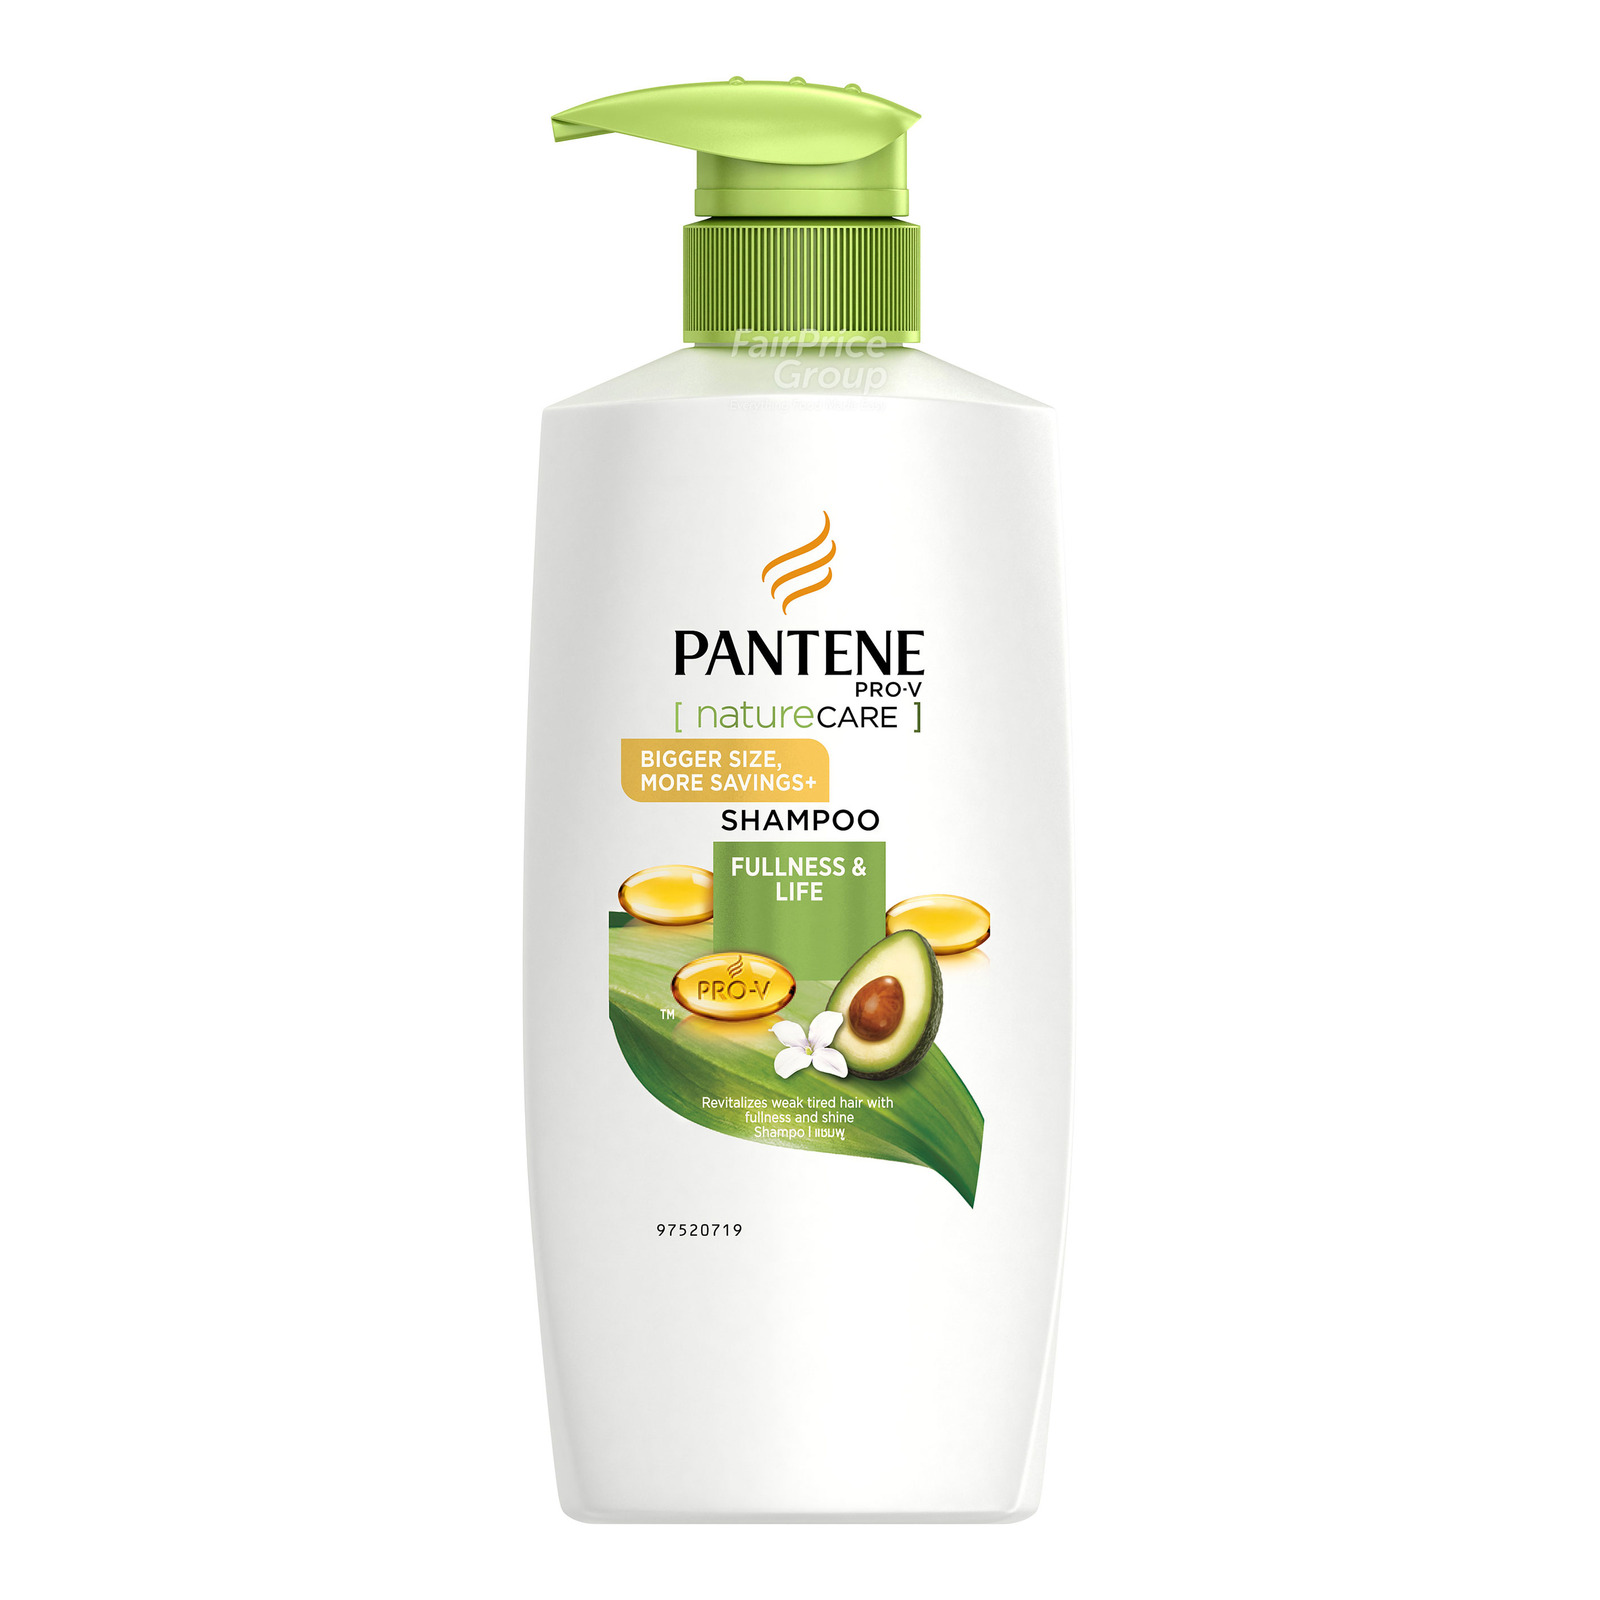 Pantene Pro-V Shampoo - Nature Care Fullness & Life